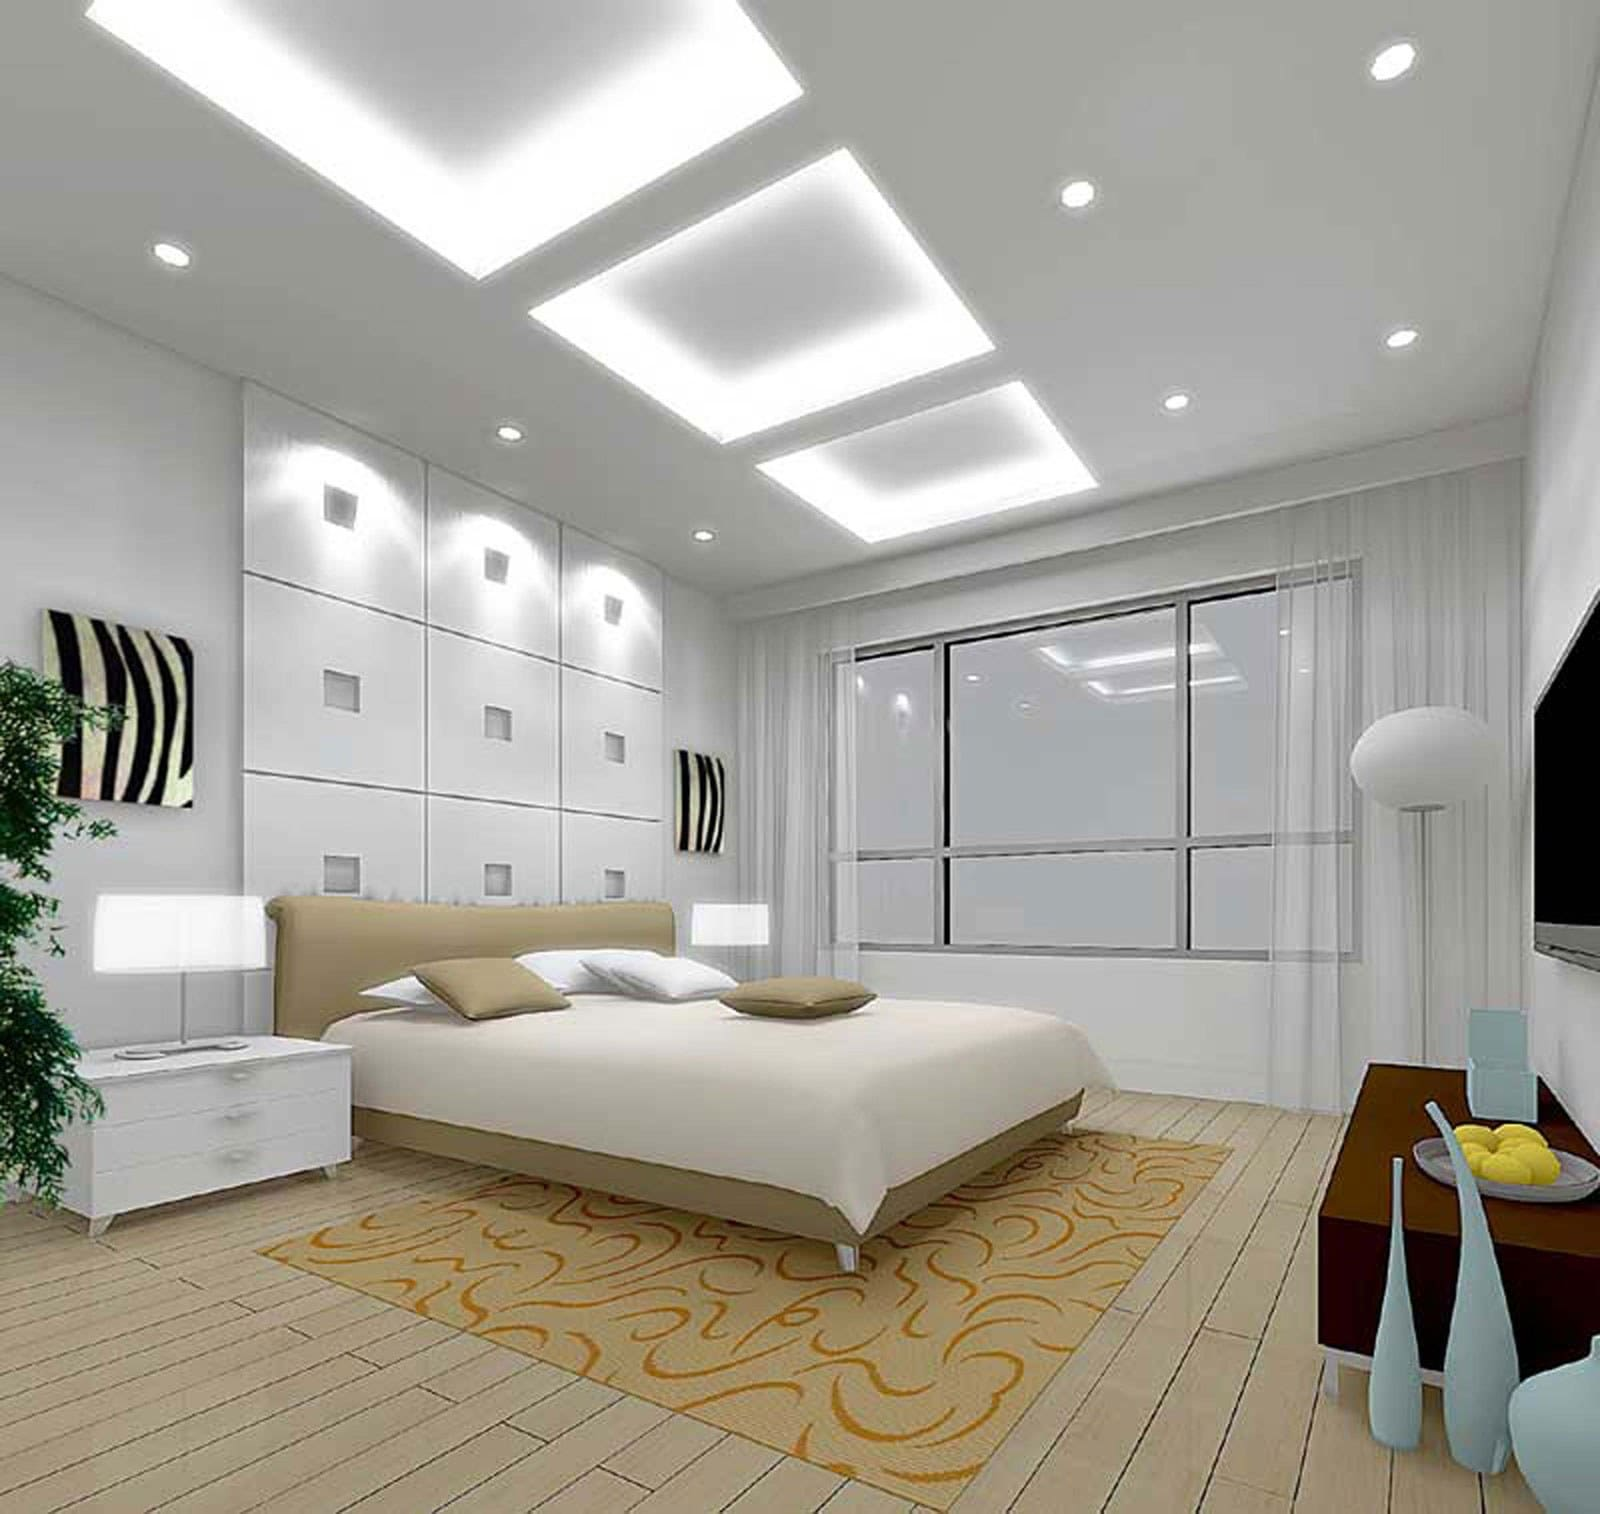 Bedroom Lighting Design Tips Luxury Bedroom Zen Bedrooms Brown Master  Bedroom Lighting Ideas Uk Diy